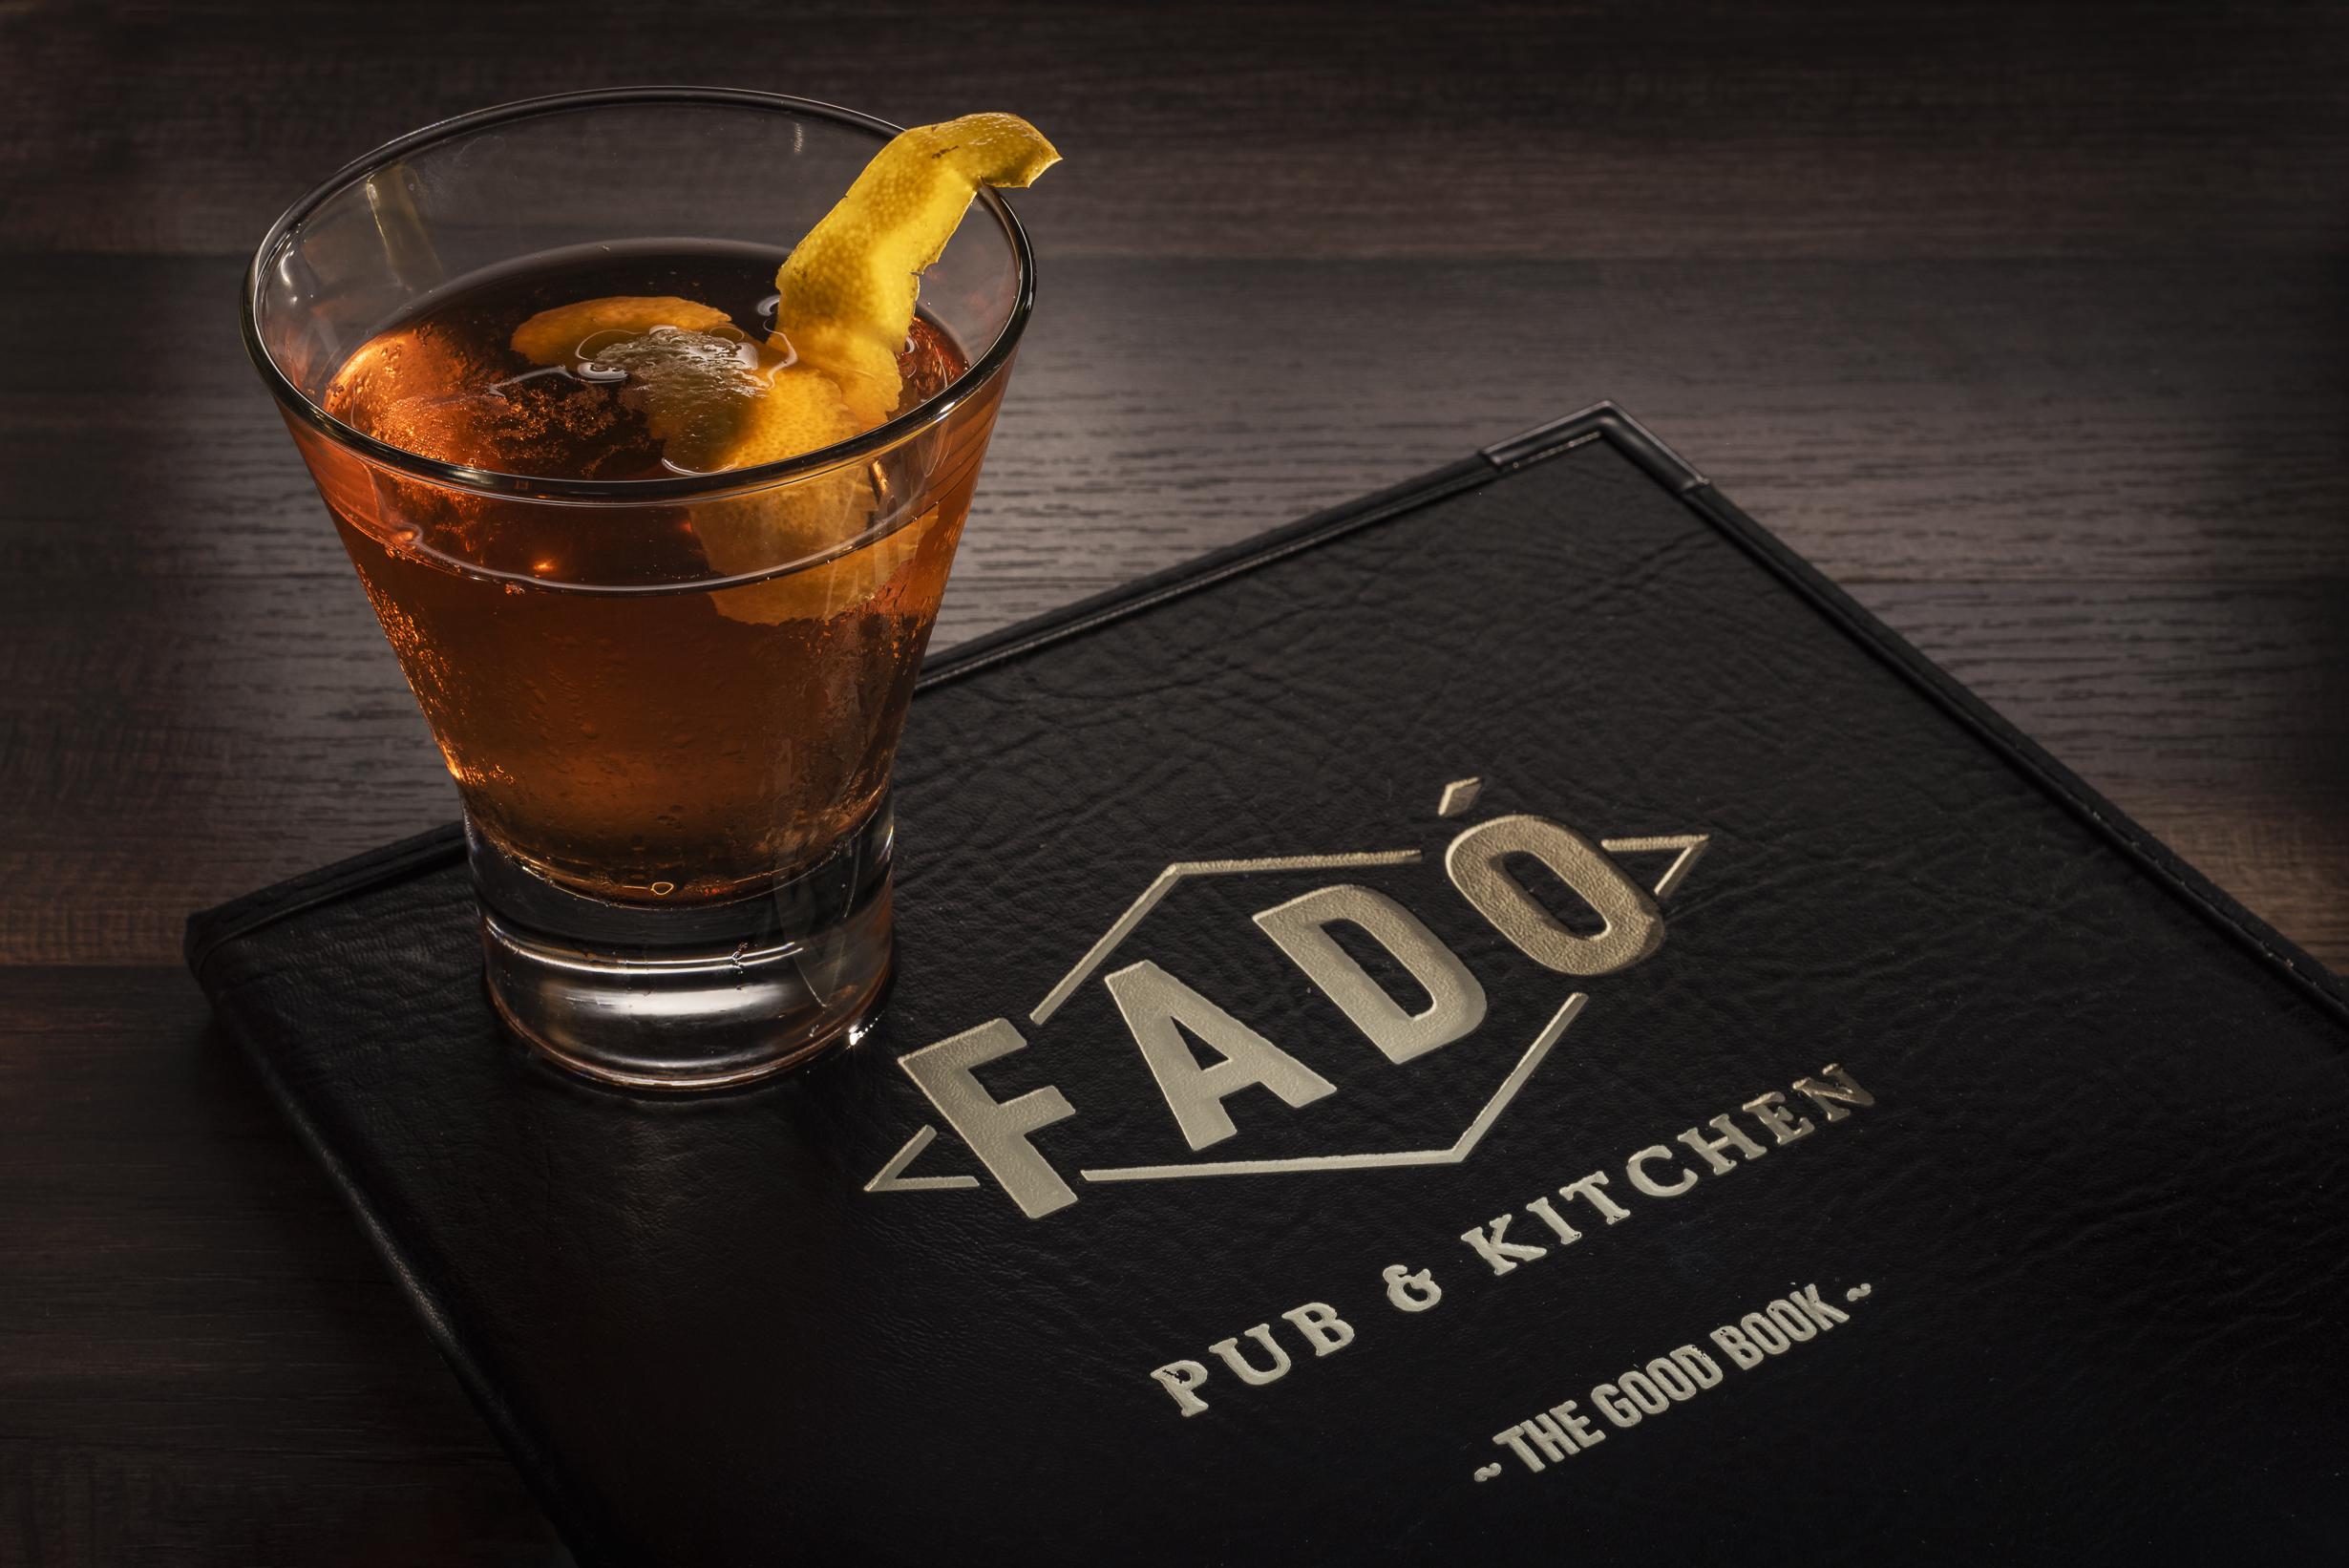 Fado_Drink_Book-0189.jpg